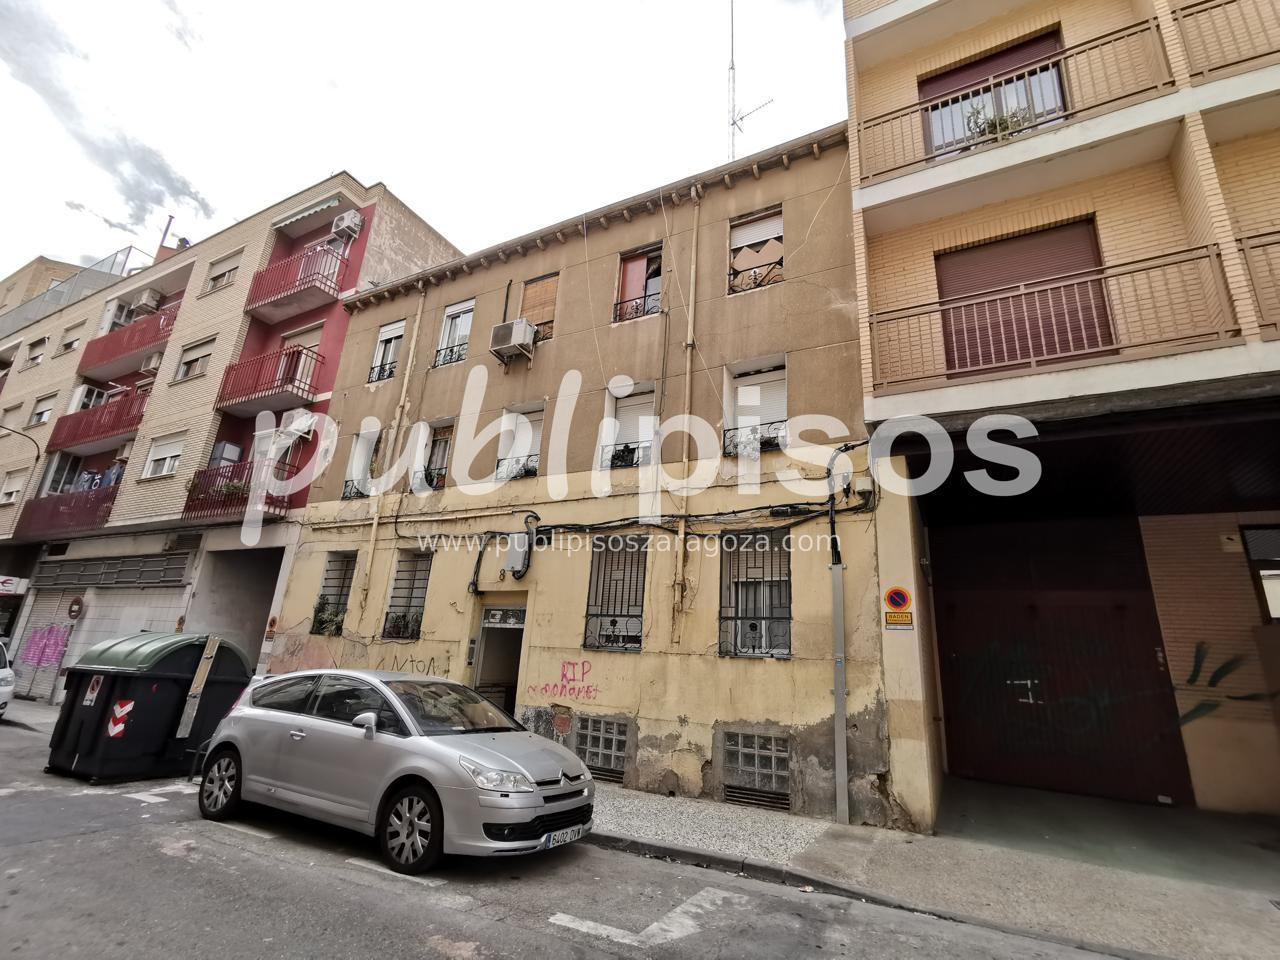 Venta de piso en calle Estación Arrabal-5